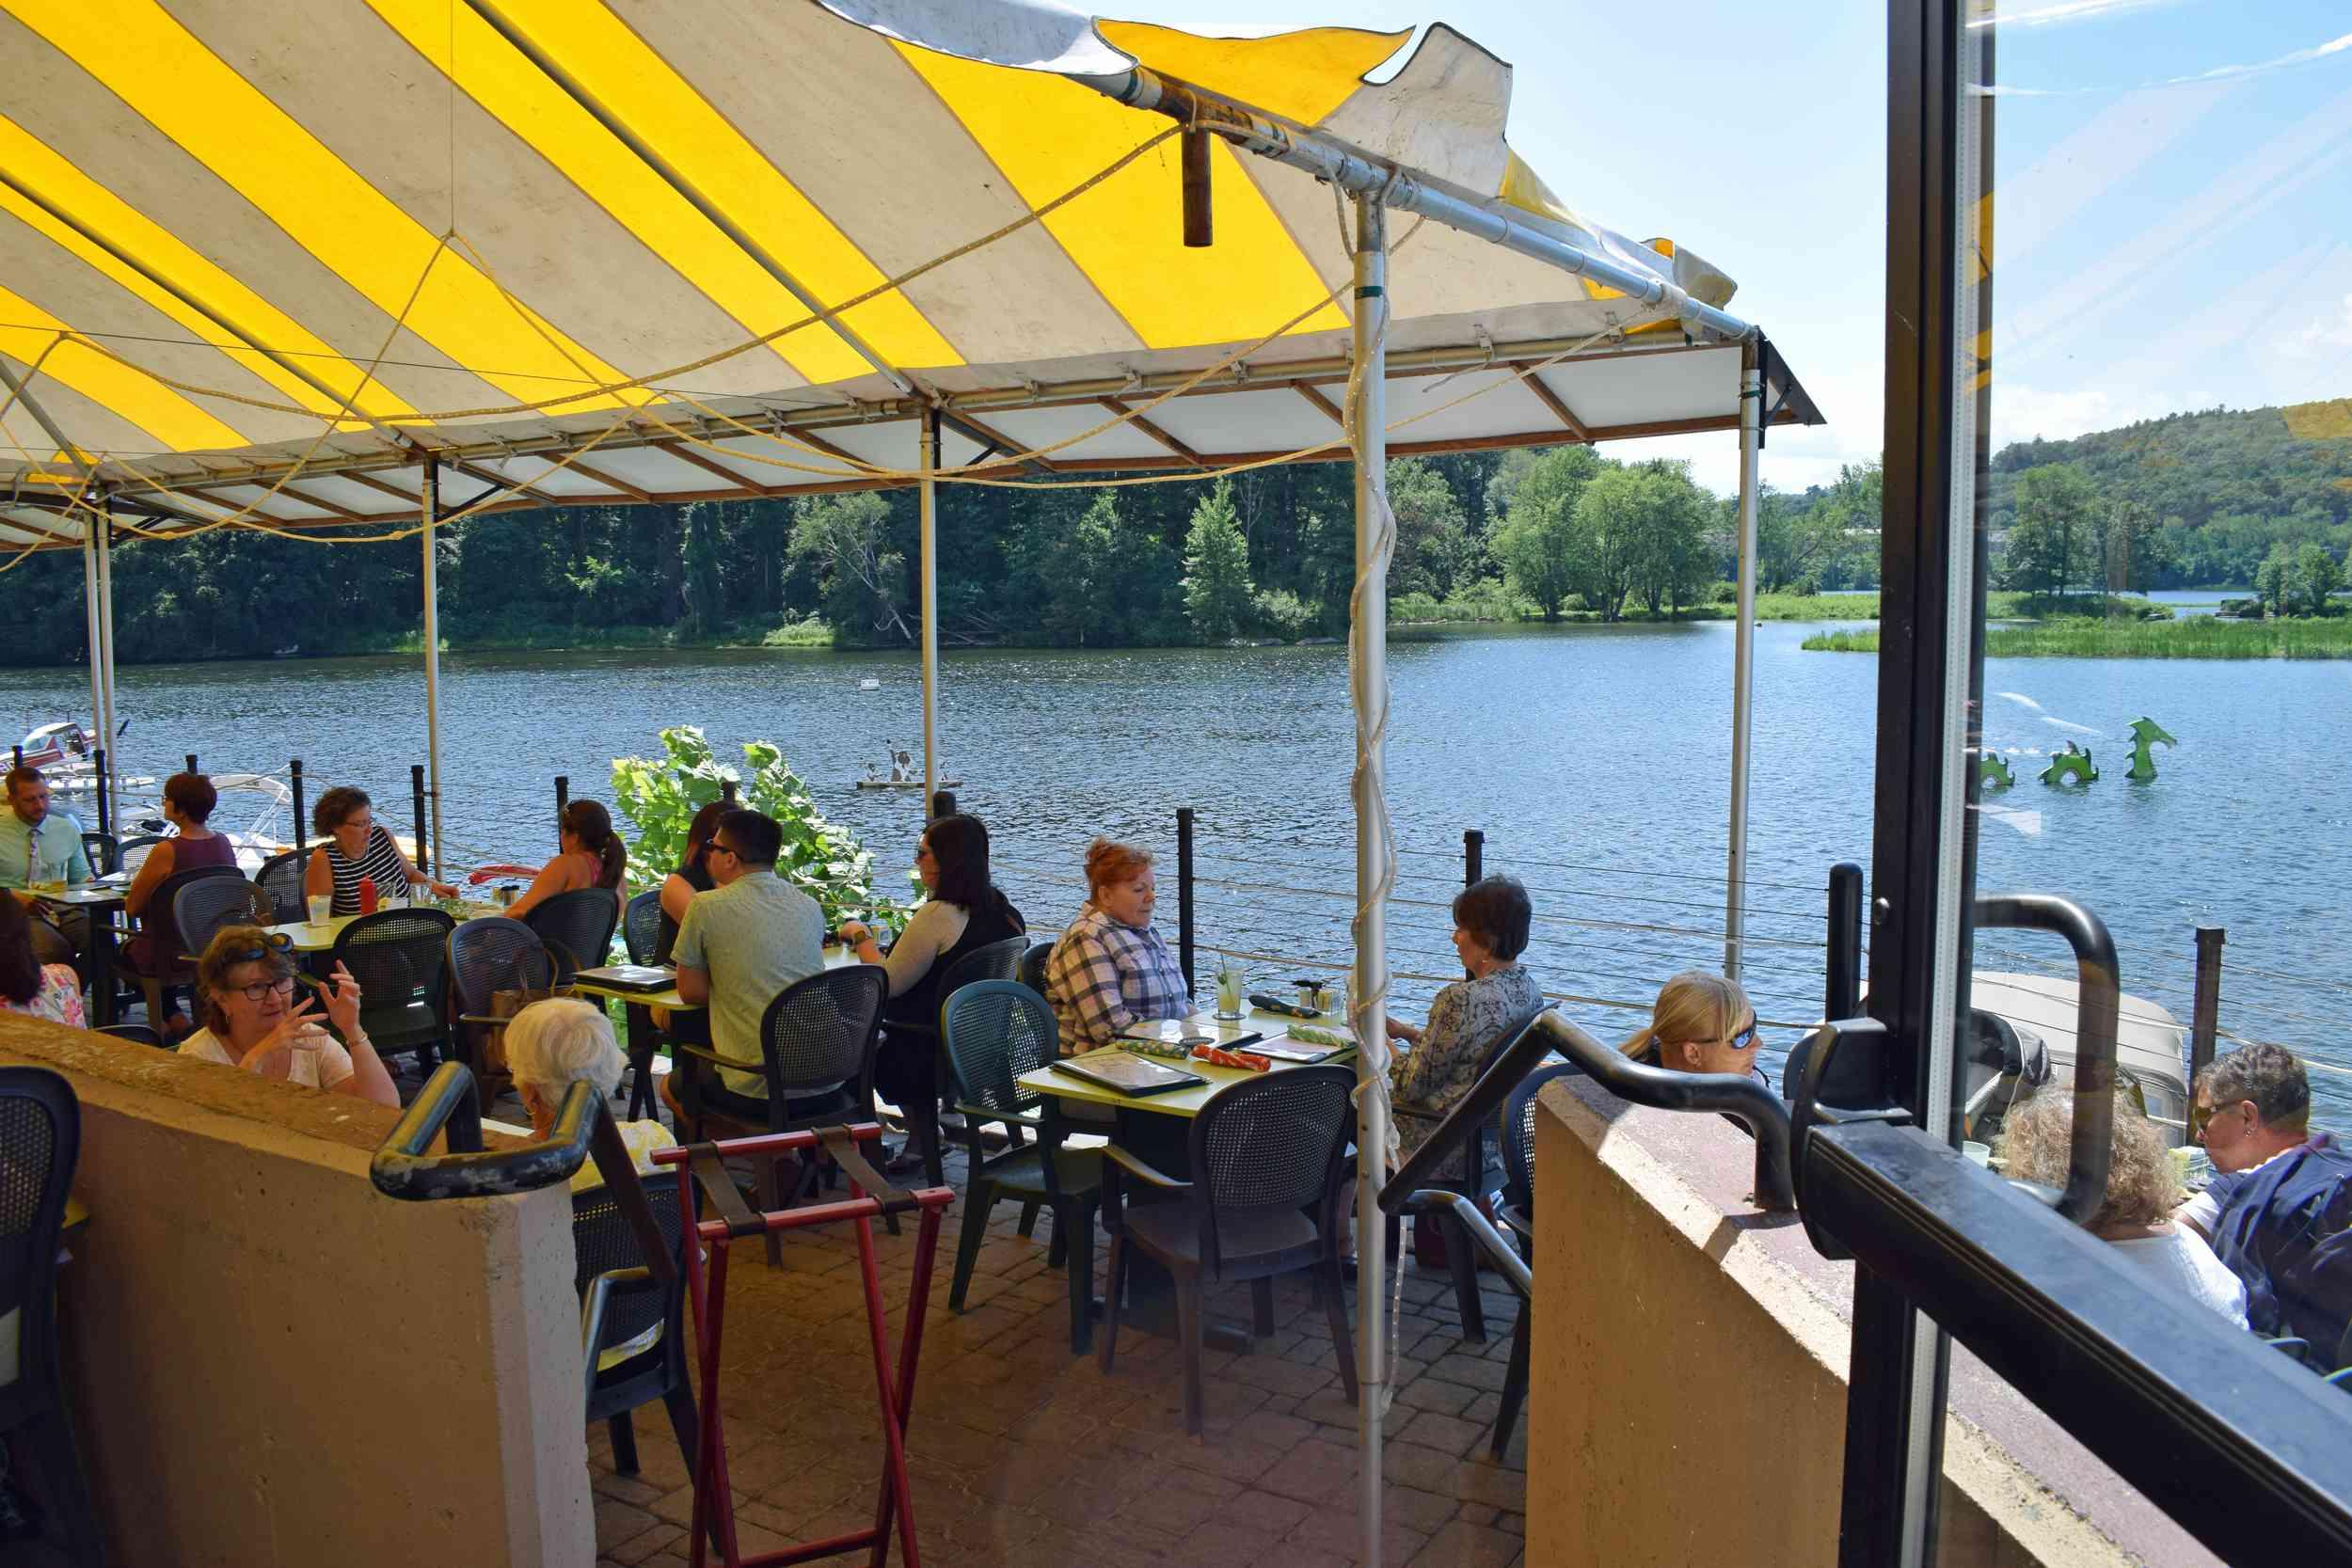 Cenas al aire libre en el puerto deportivo en Brattleboro VT